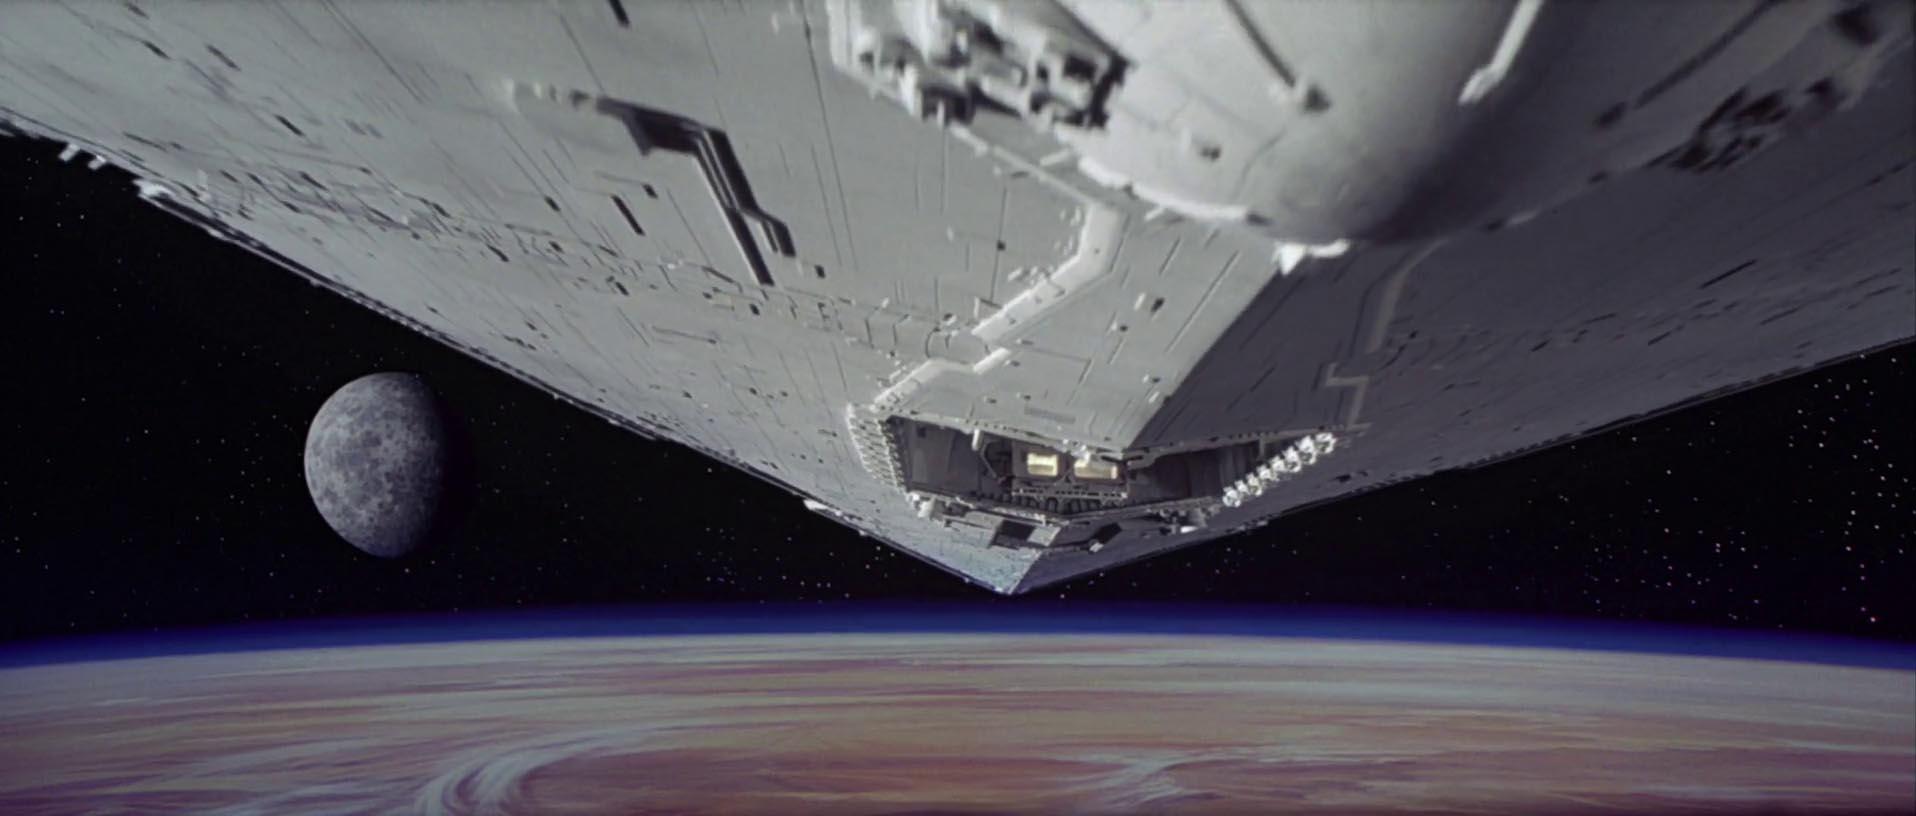 1 - Star Destroyer